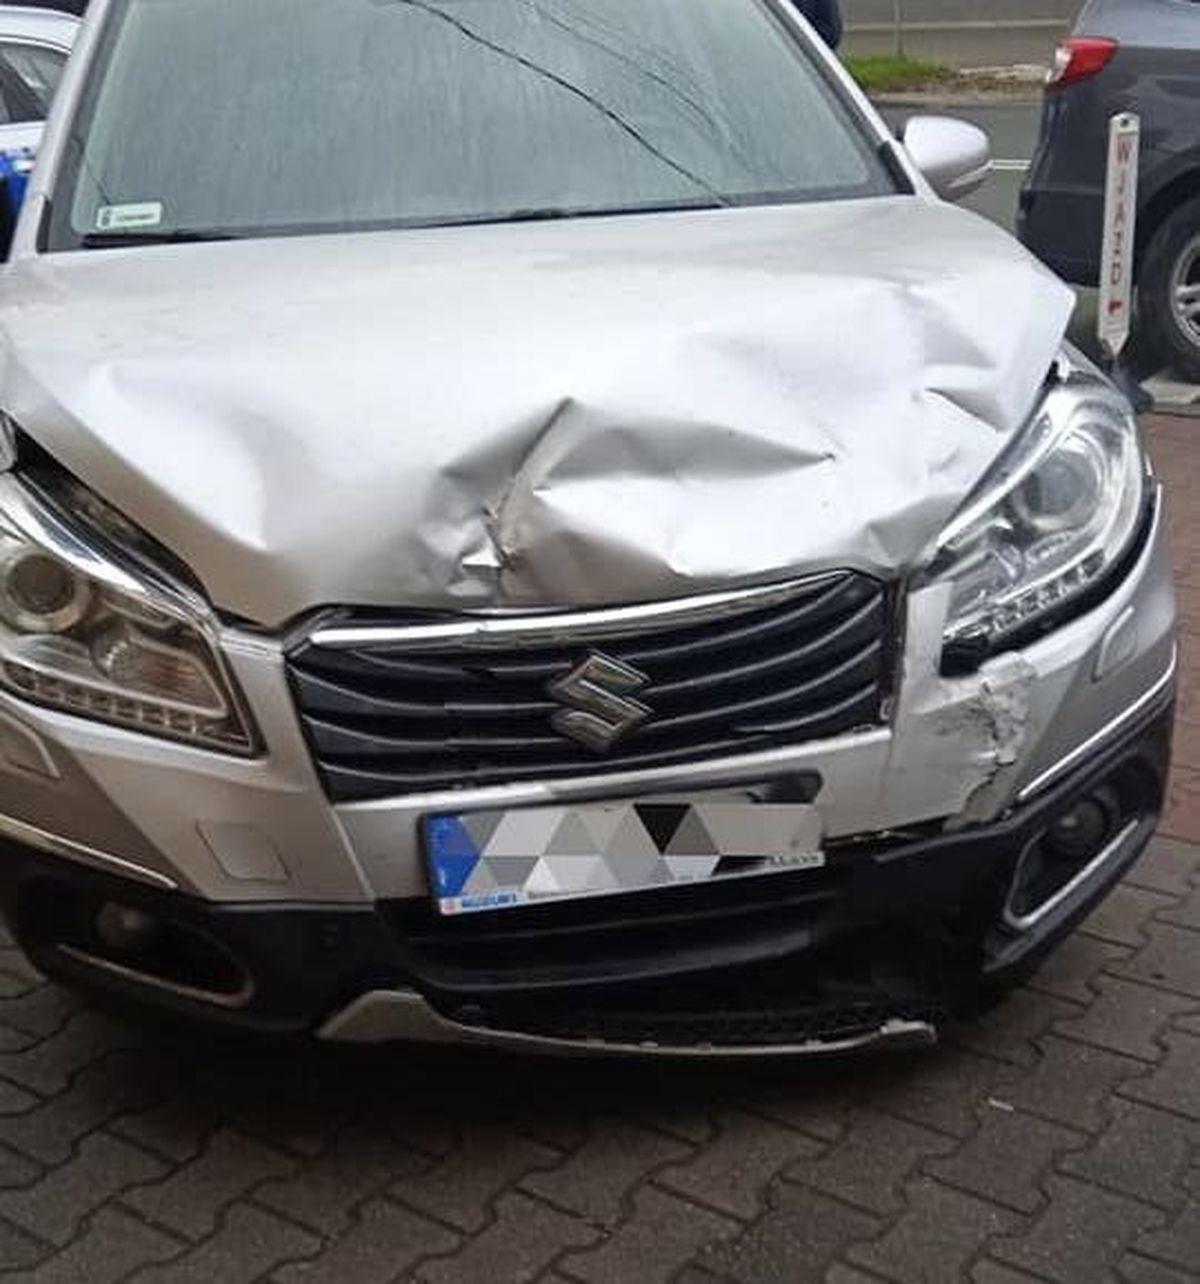 Trzy samochody rozbite, jedna osoba w szpitalu [AKTUALIZACJA]